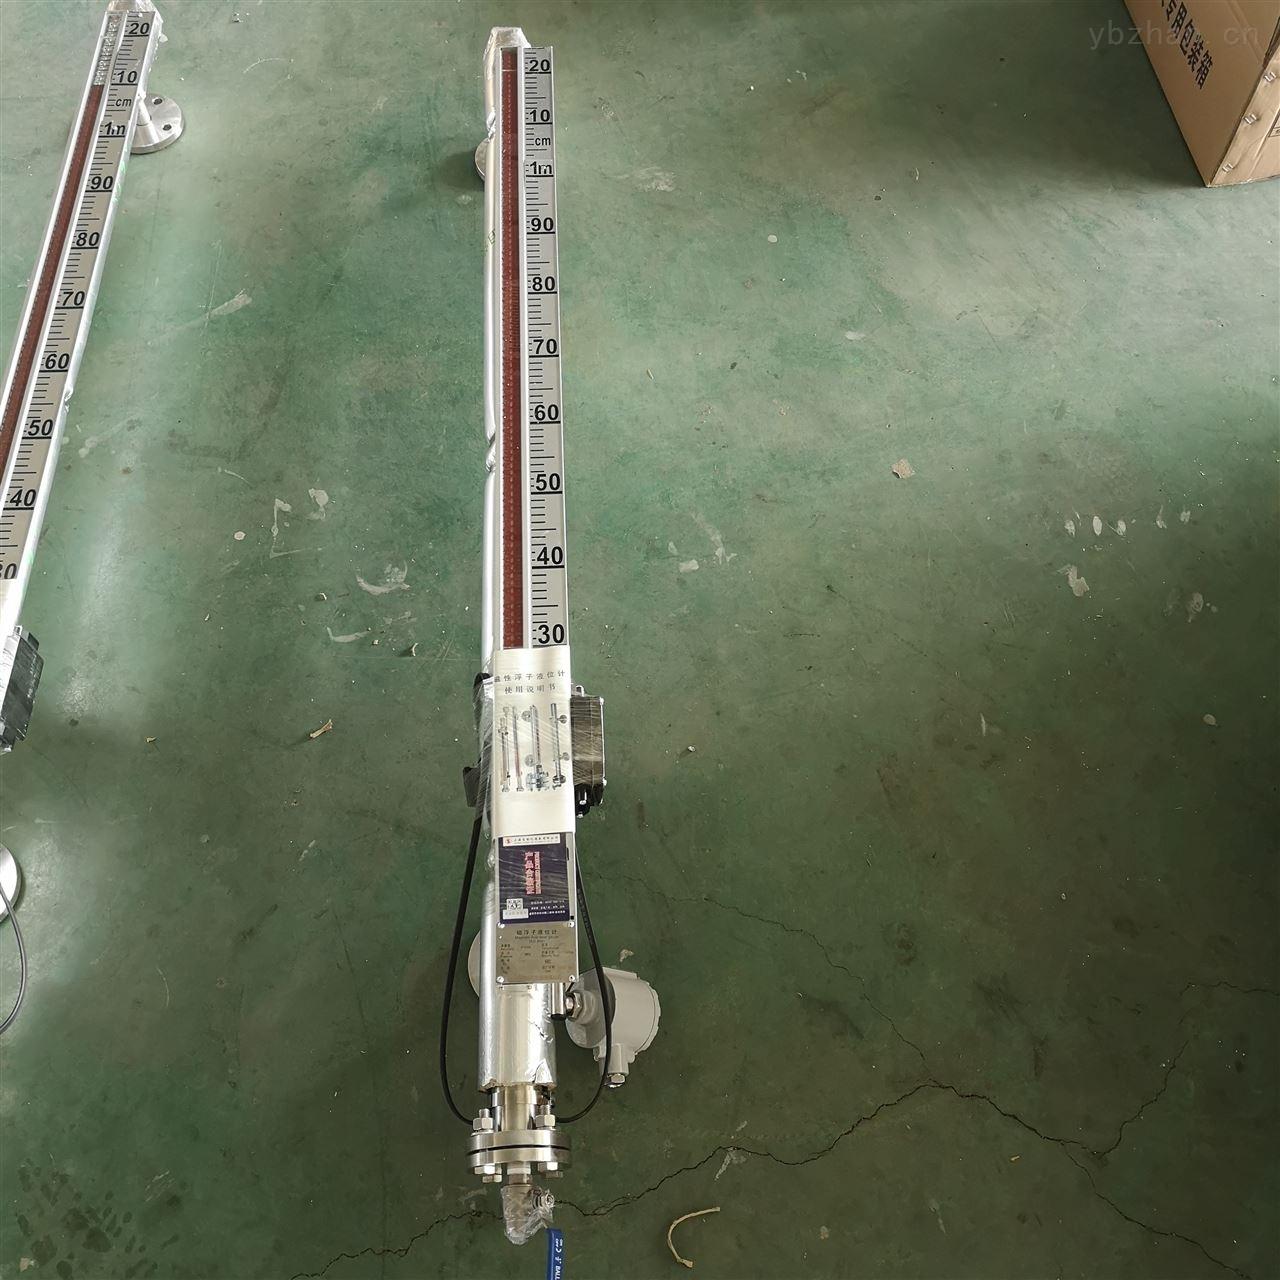 泥浆液位UHZ-58-LK原油磁翻板液位计面板